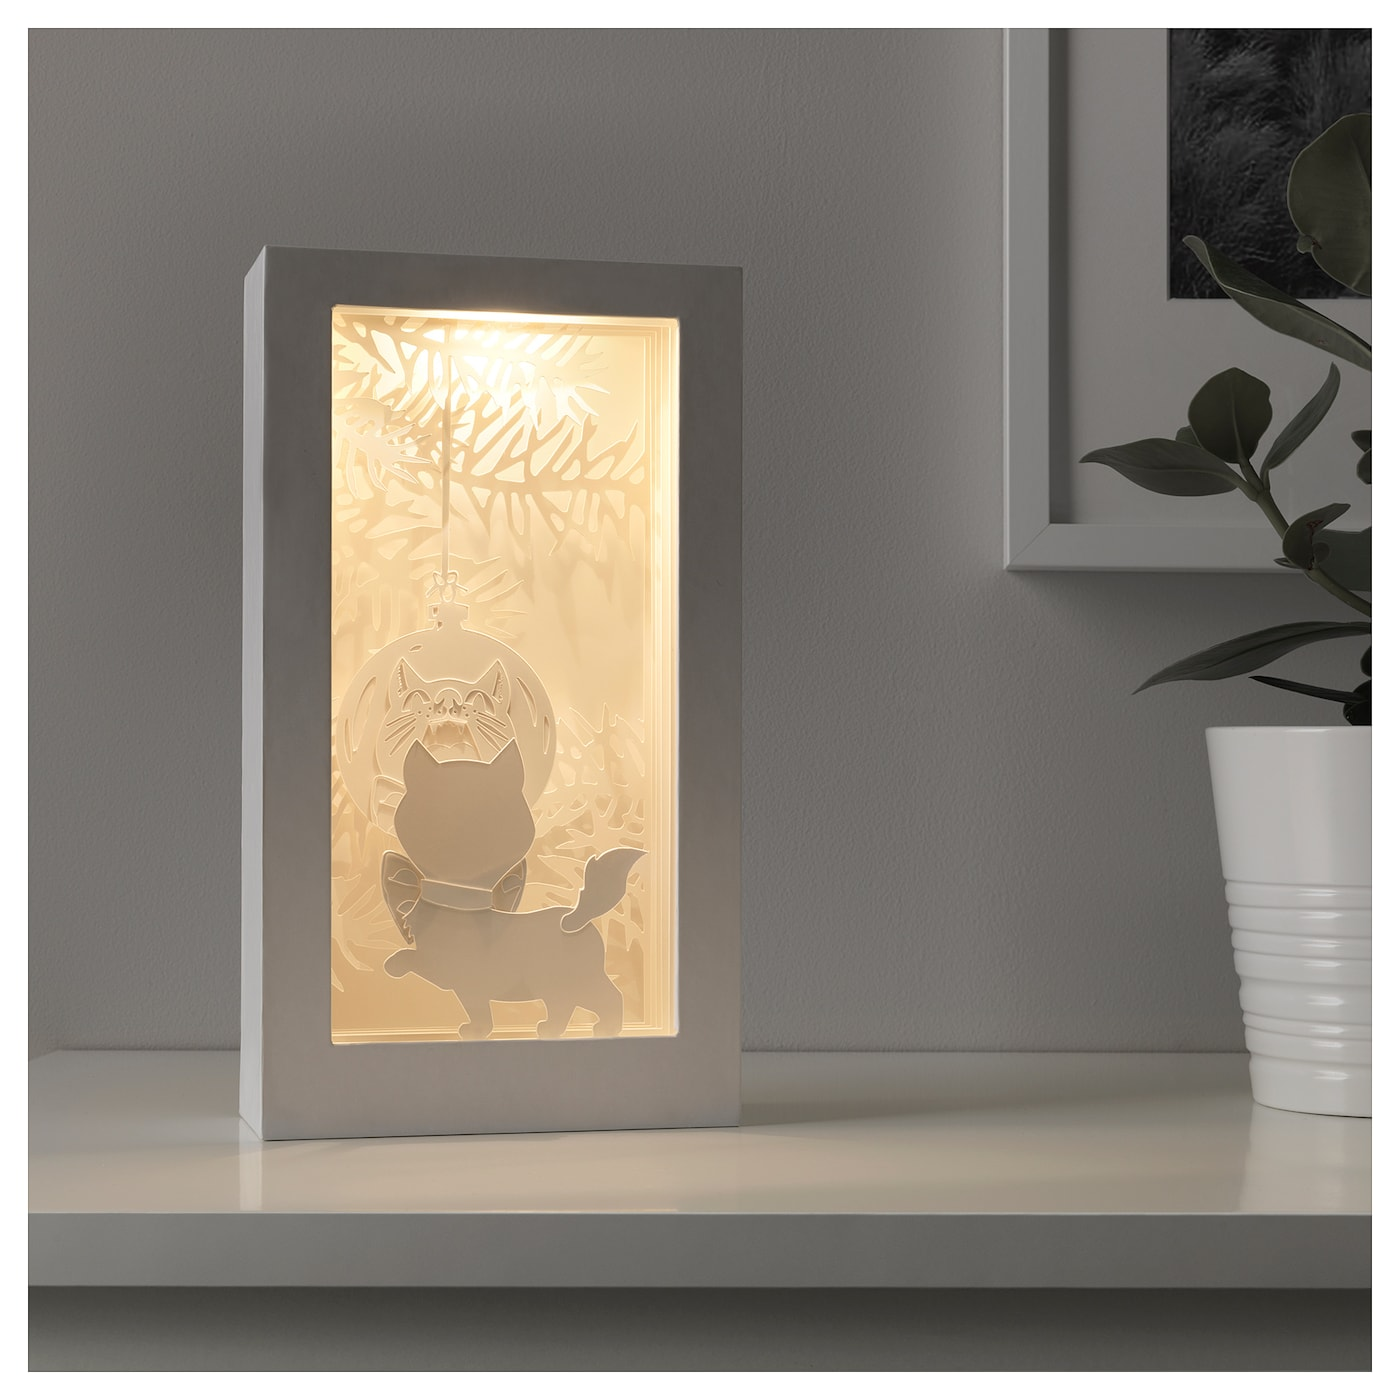 decorative lighting, shades & led candles   ikea